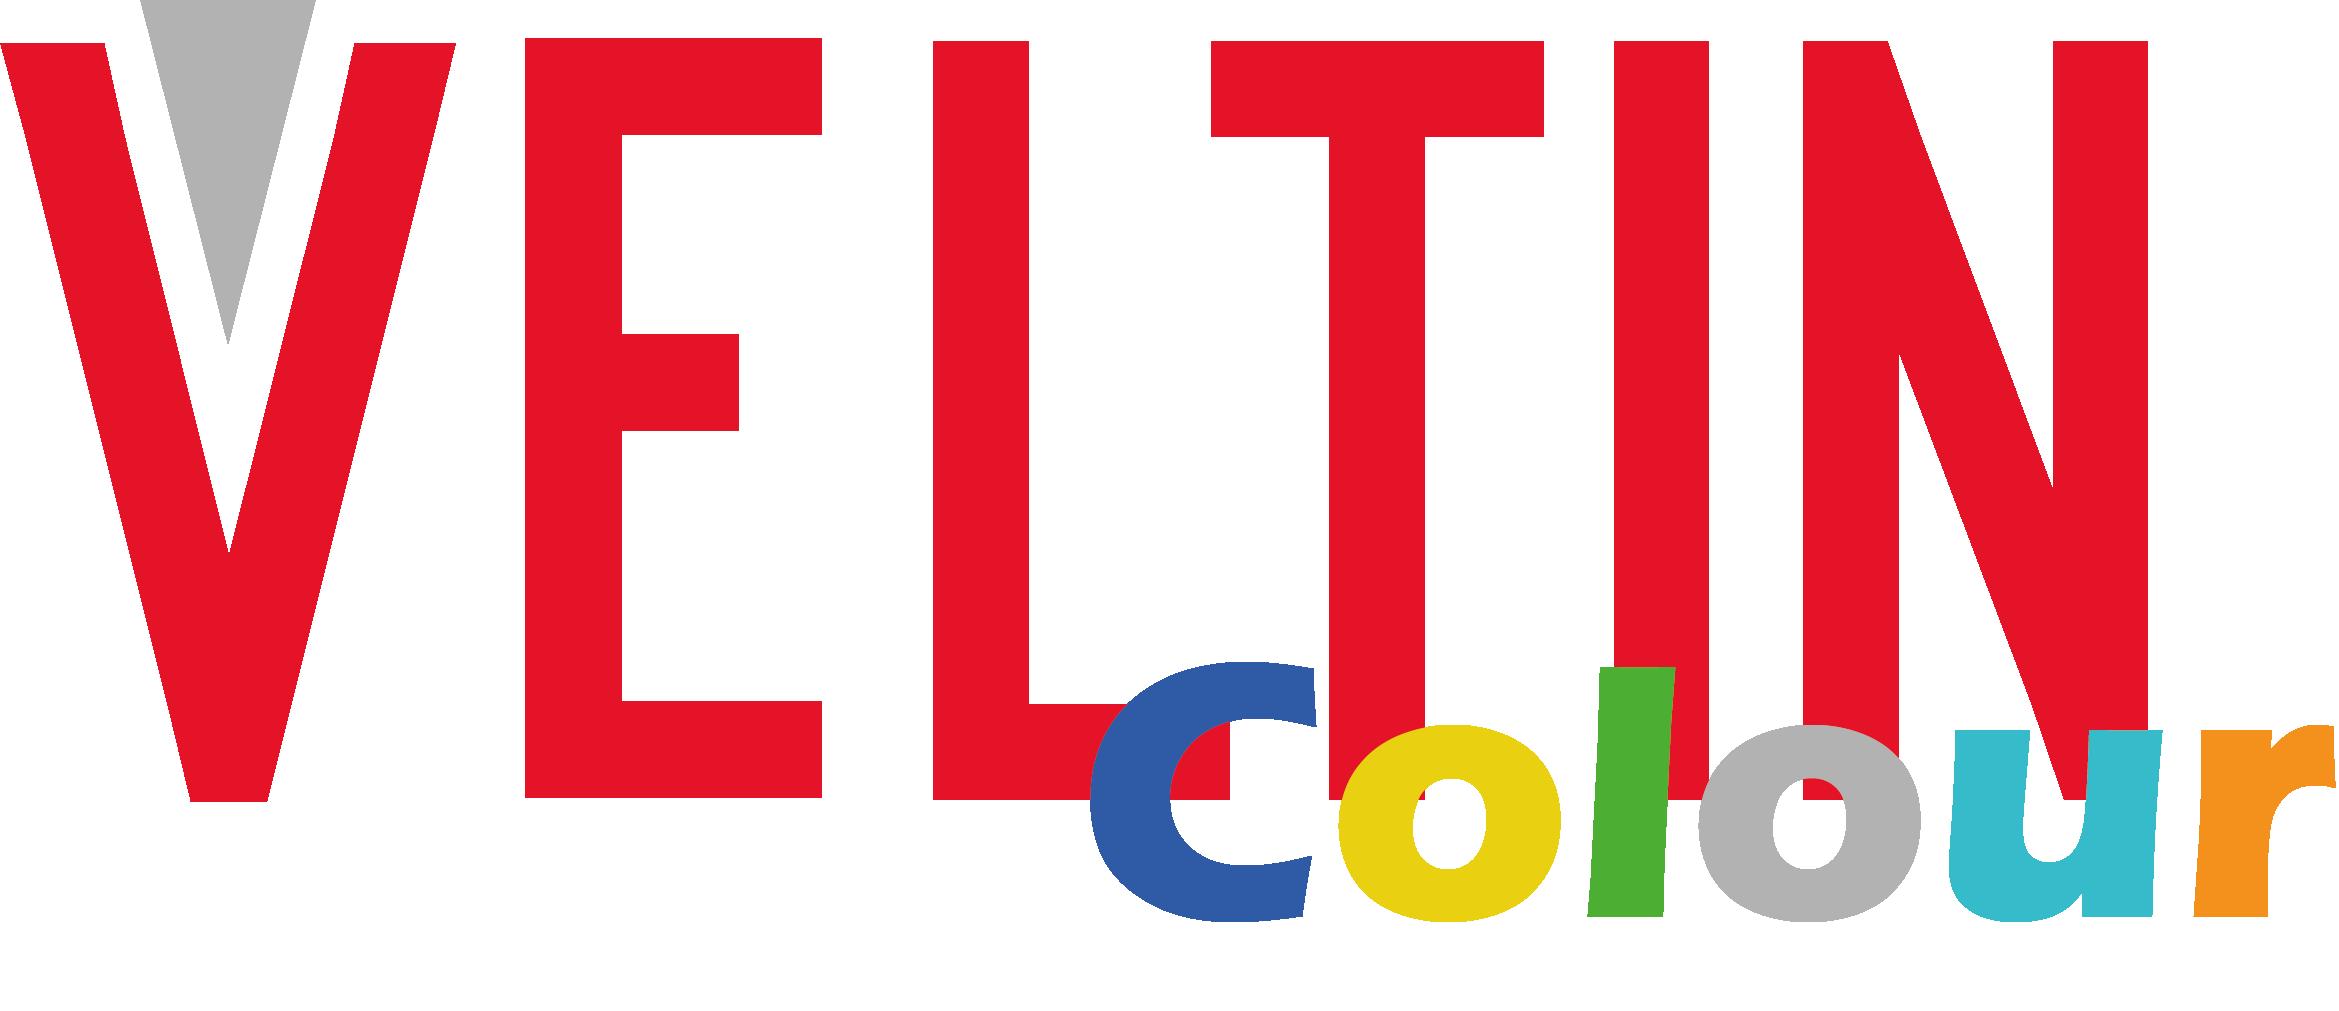 veltin-colour-logo.png